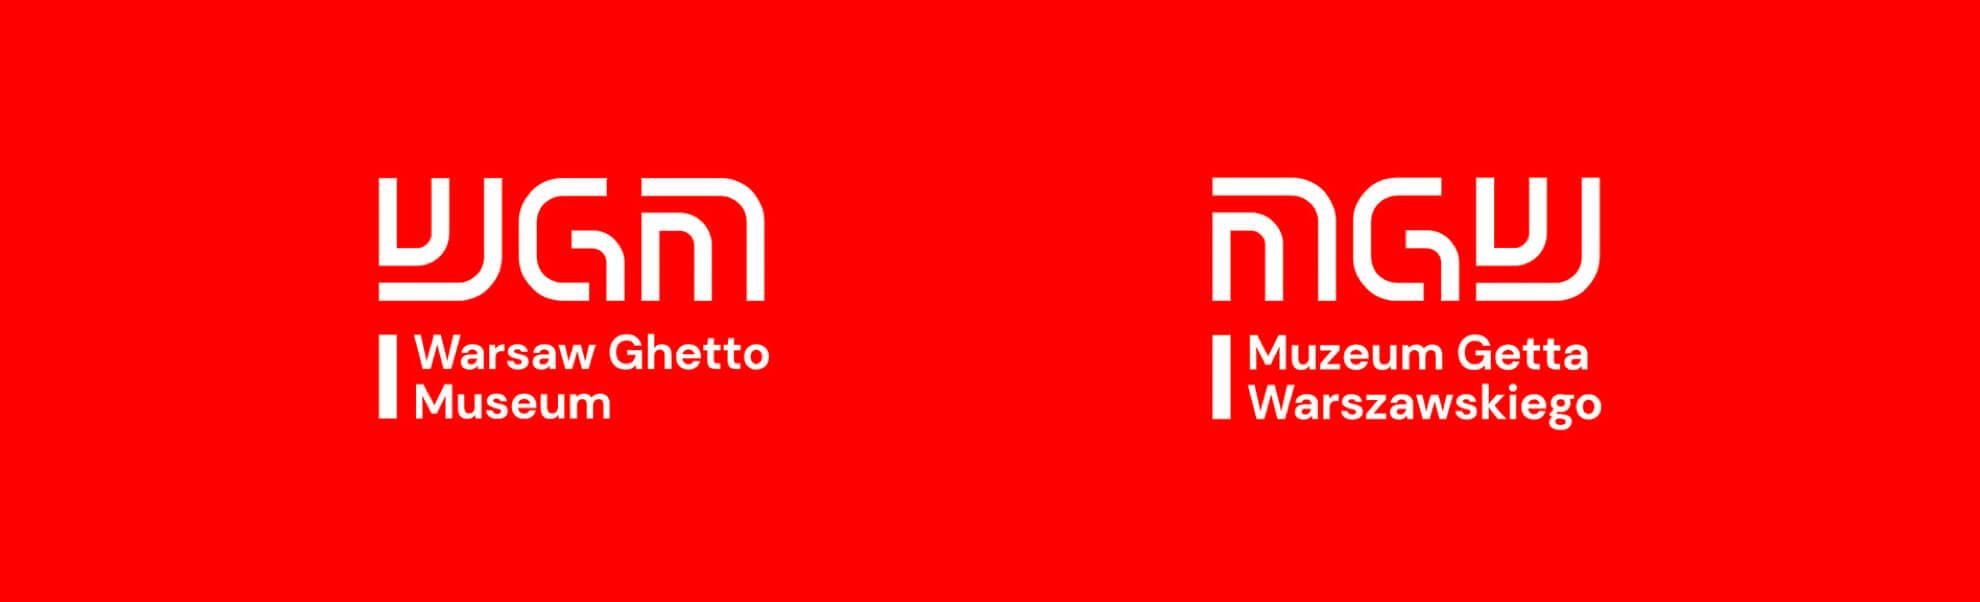 muzeum Getta Warszawskiego ma nową identyfokację odDADADA Studio